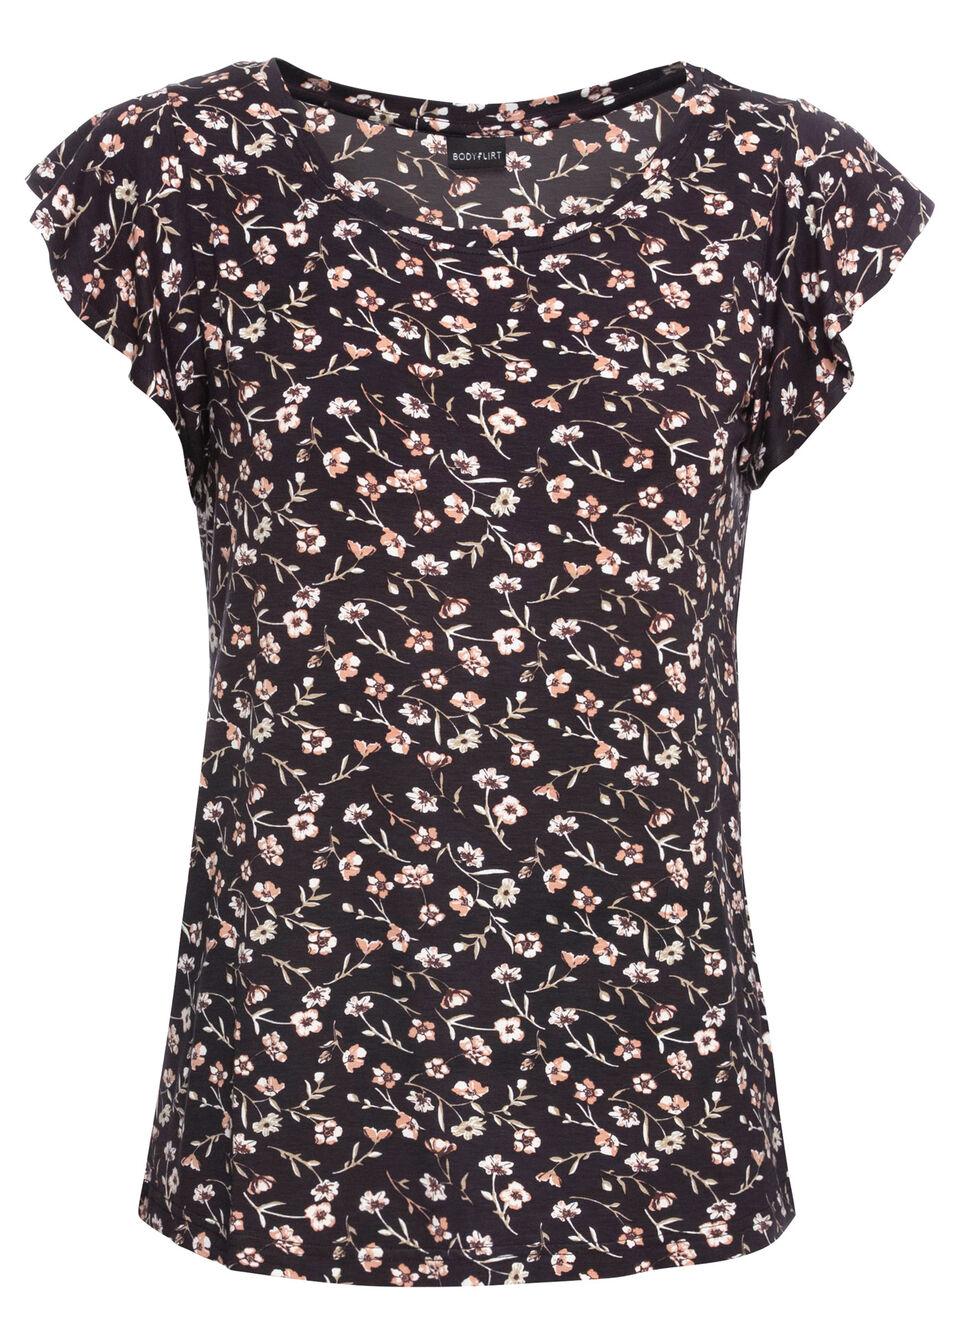 Фото - Пуловер с круглым вырезом горловины от bonprix цвет черный/серый меланж в полоску